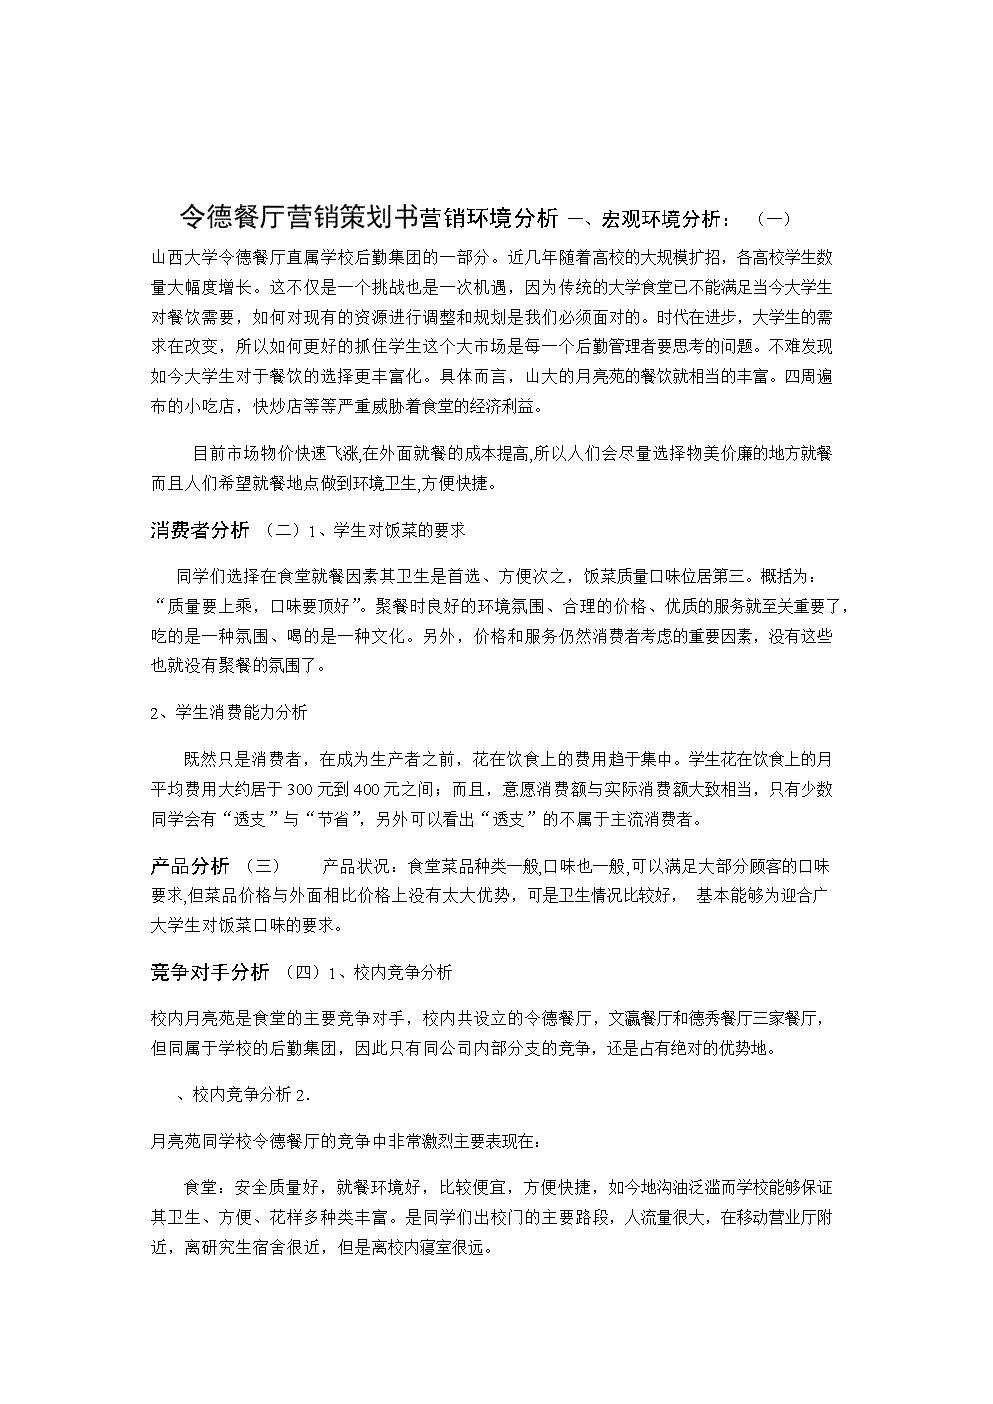 大学餐厅营销策划书教学文案.doc